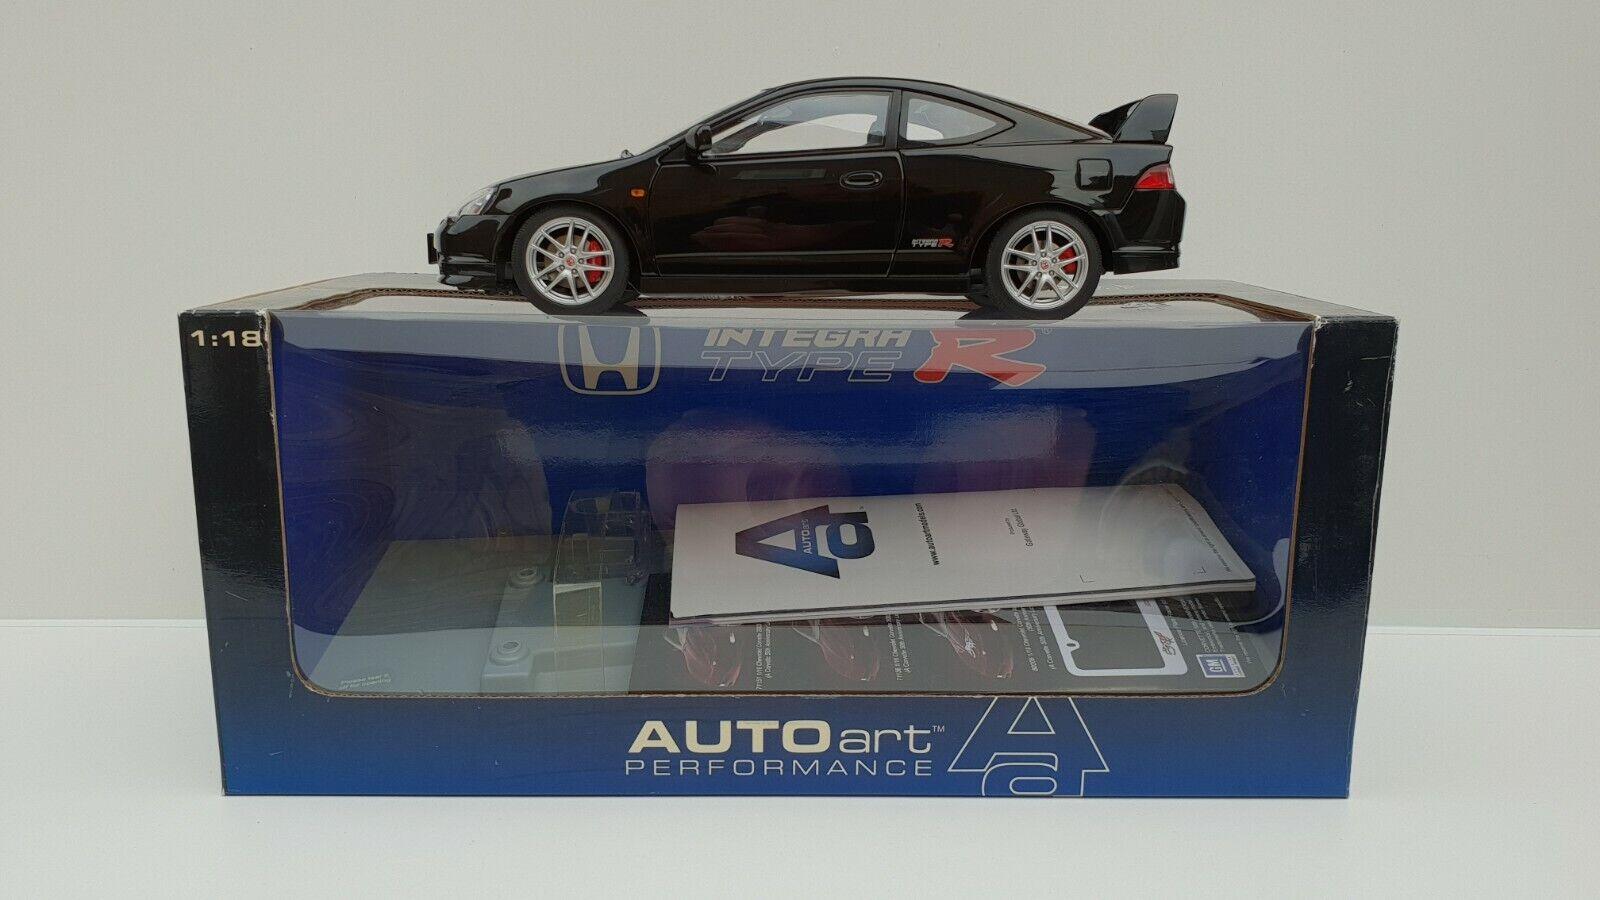 1 18 bilArt Honda Integra typ R Svkonst